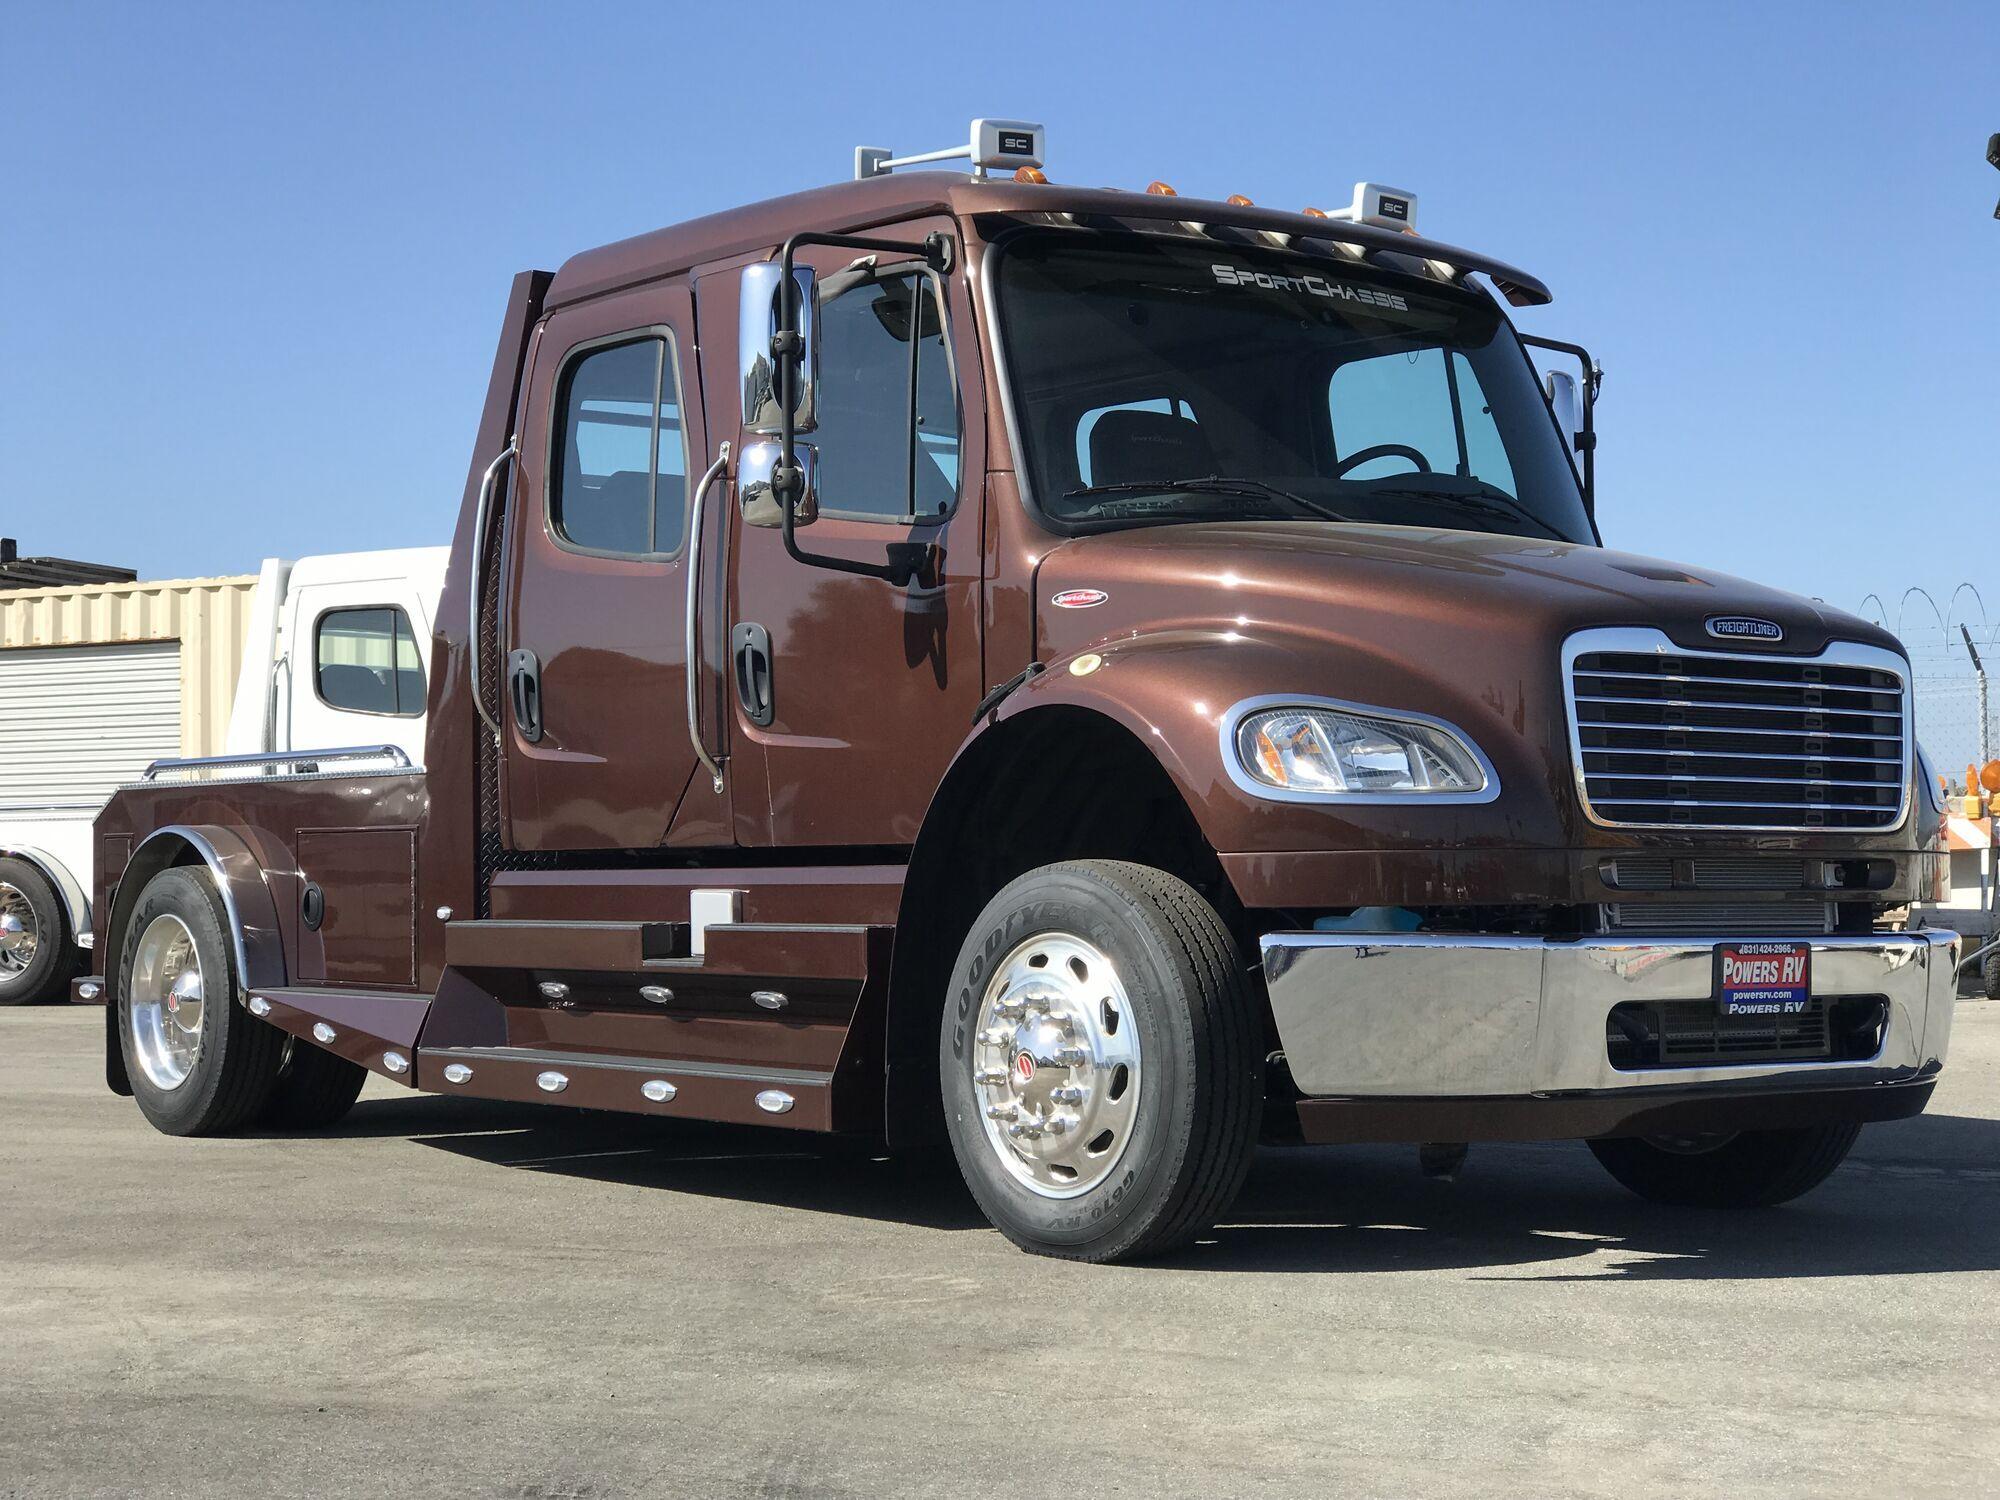 SportChassis Freightliner создали для перевозки животных и крупного груза